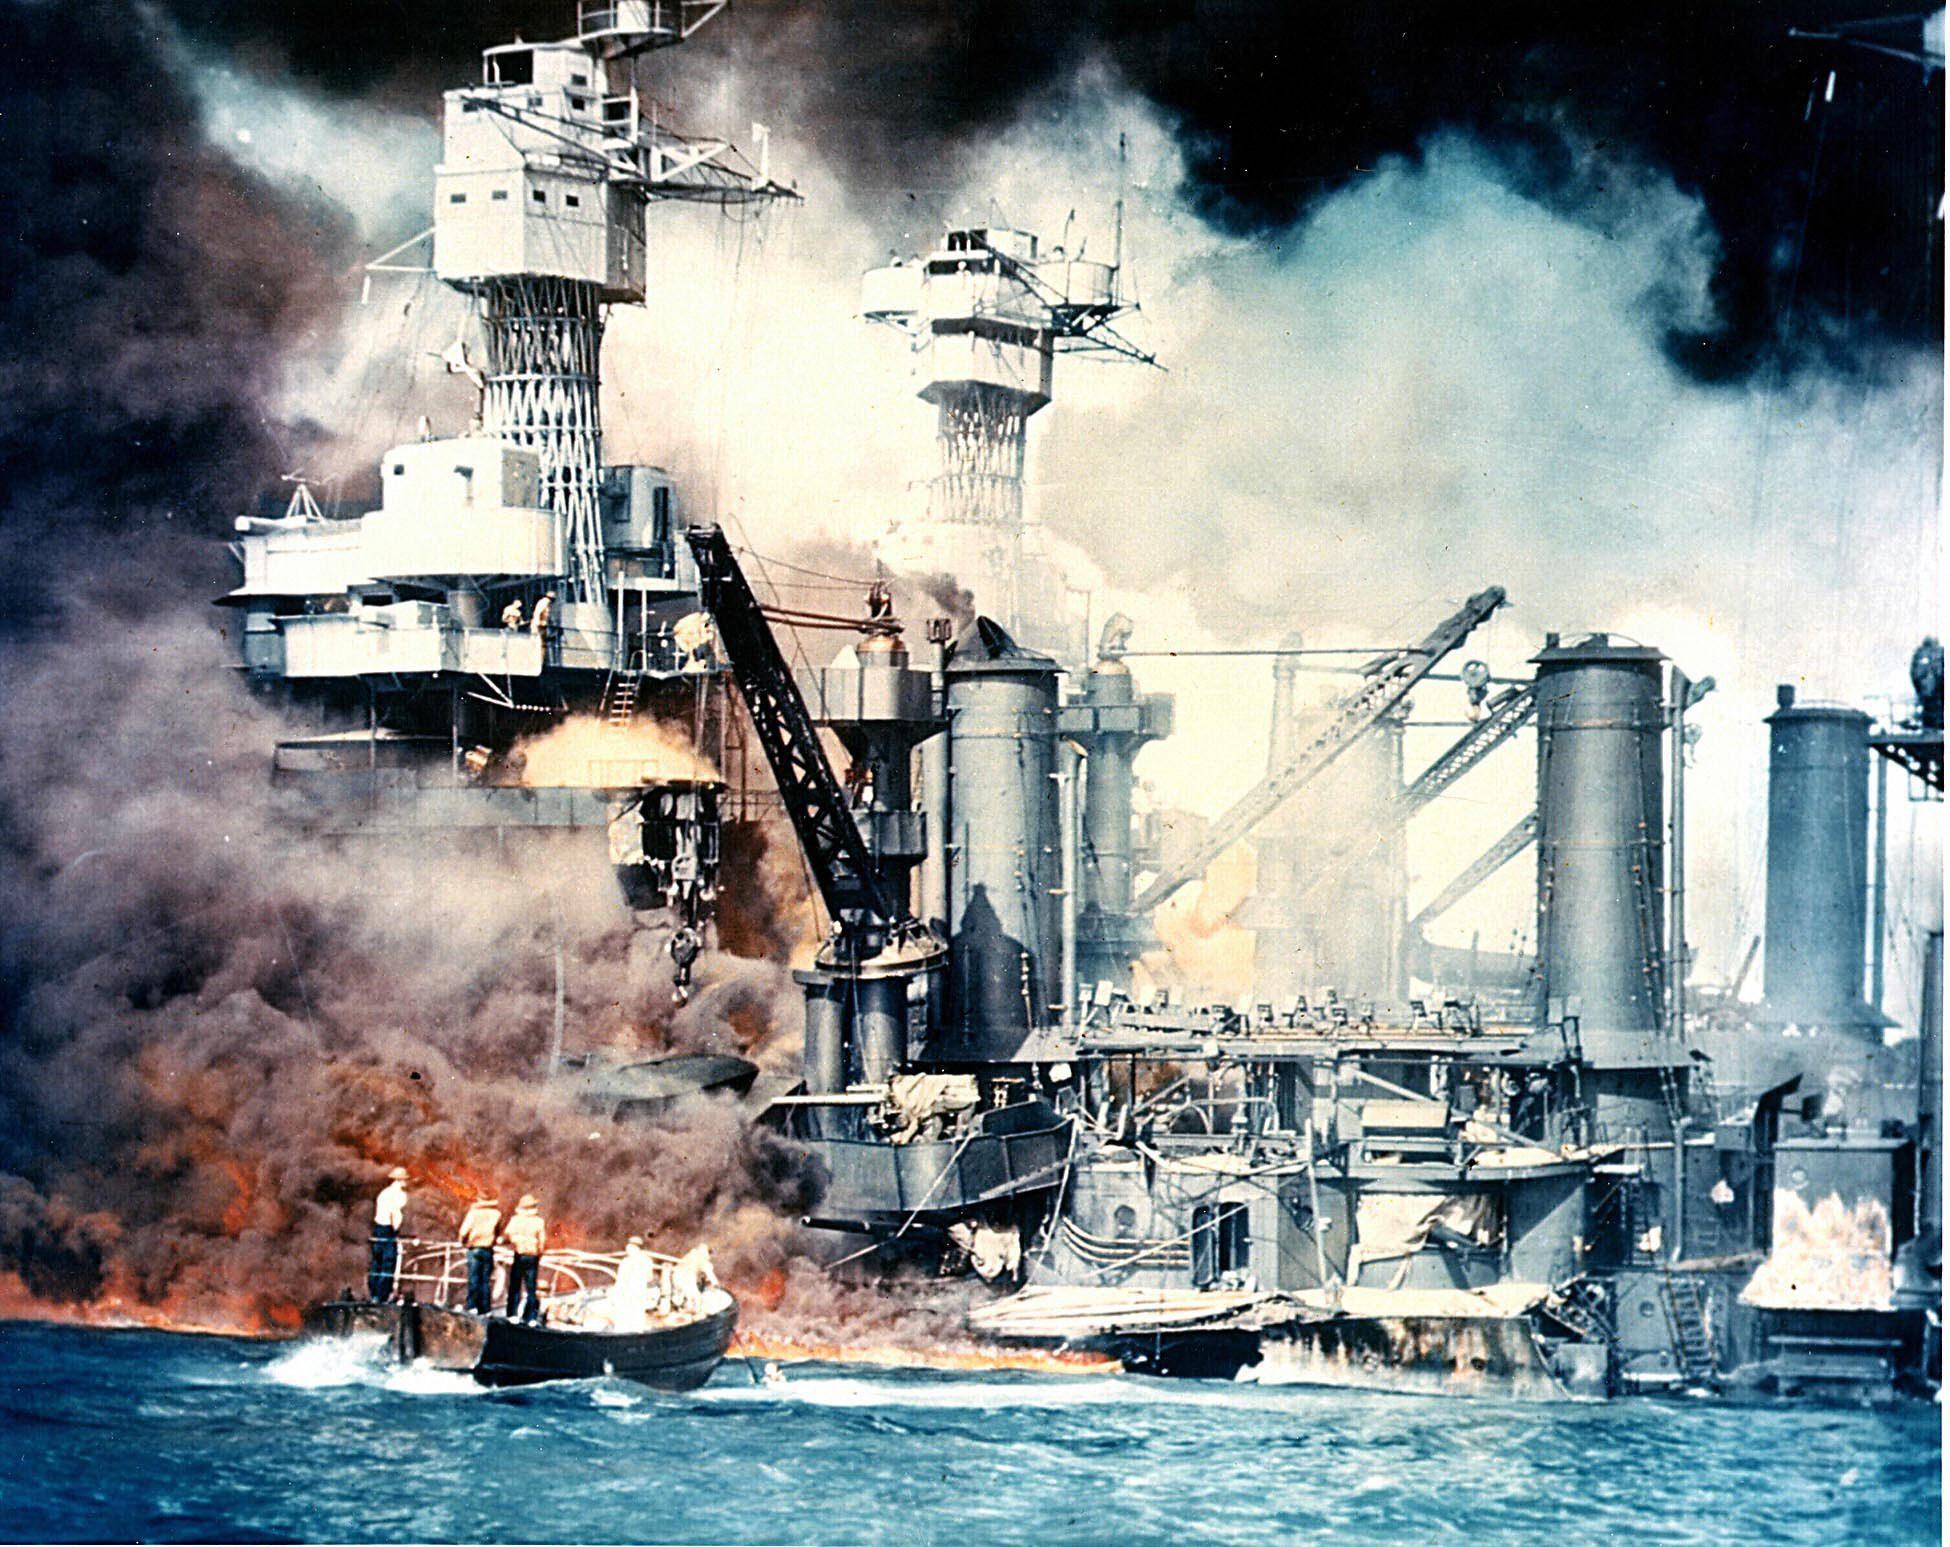 เจาะตำนาน การโจมตีเพิร์ลฮาร์เบอร์ ของญี่ปุ่นในสงครามโลกครั้งที่ 2